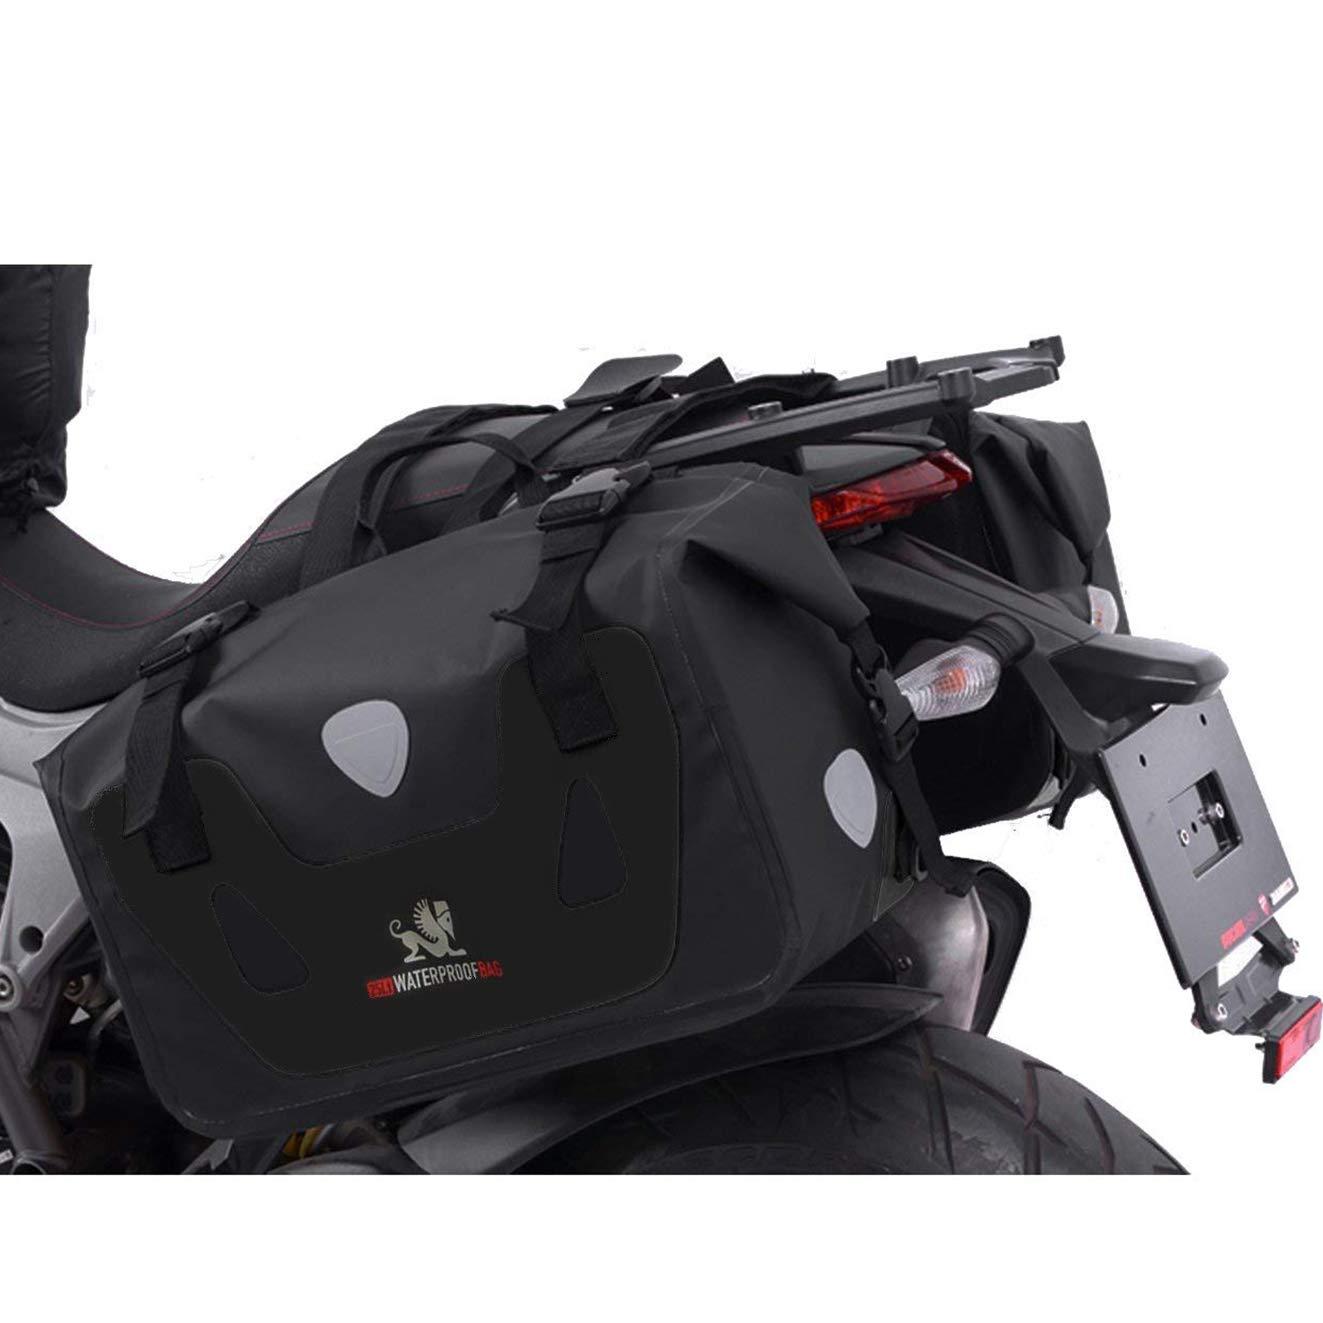 SEEU Motorcycle Dry Saddlebags 2pcs, 100% Waterproof Motorcycle Luggage,25 Liter Each Bag